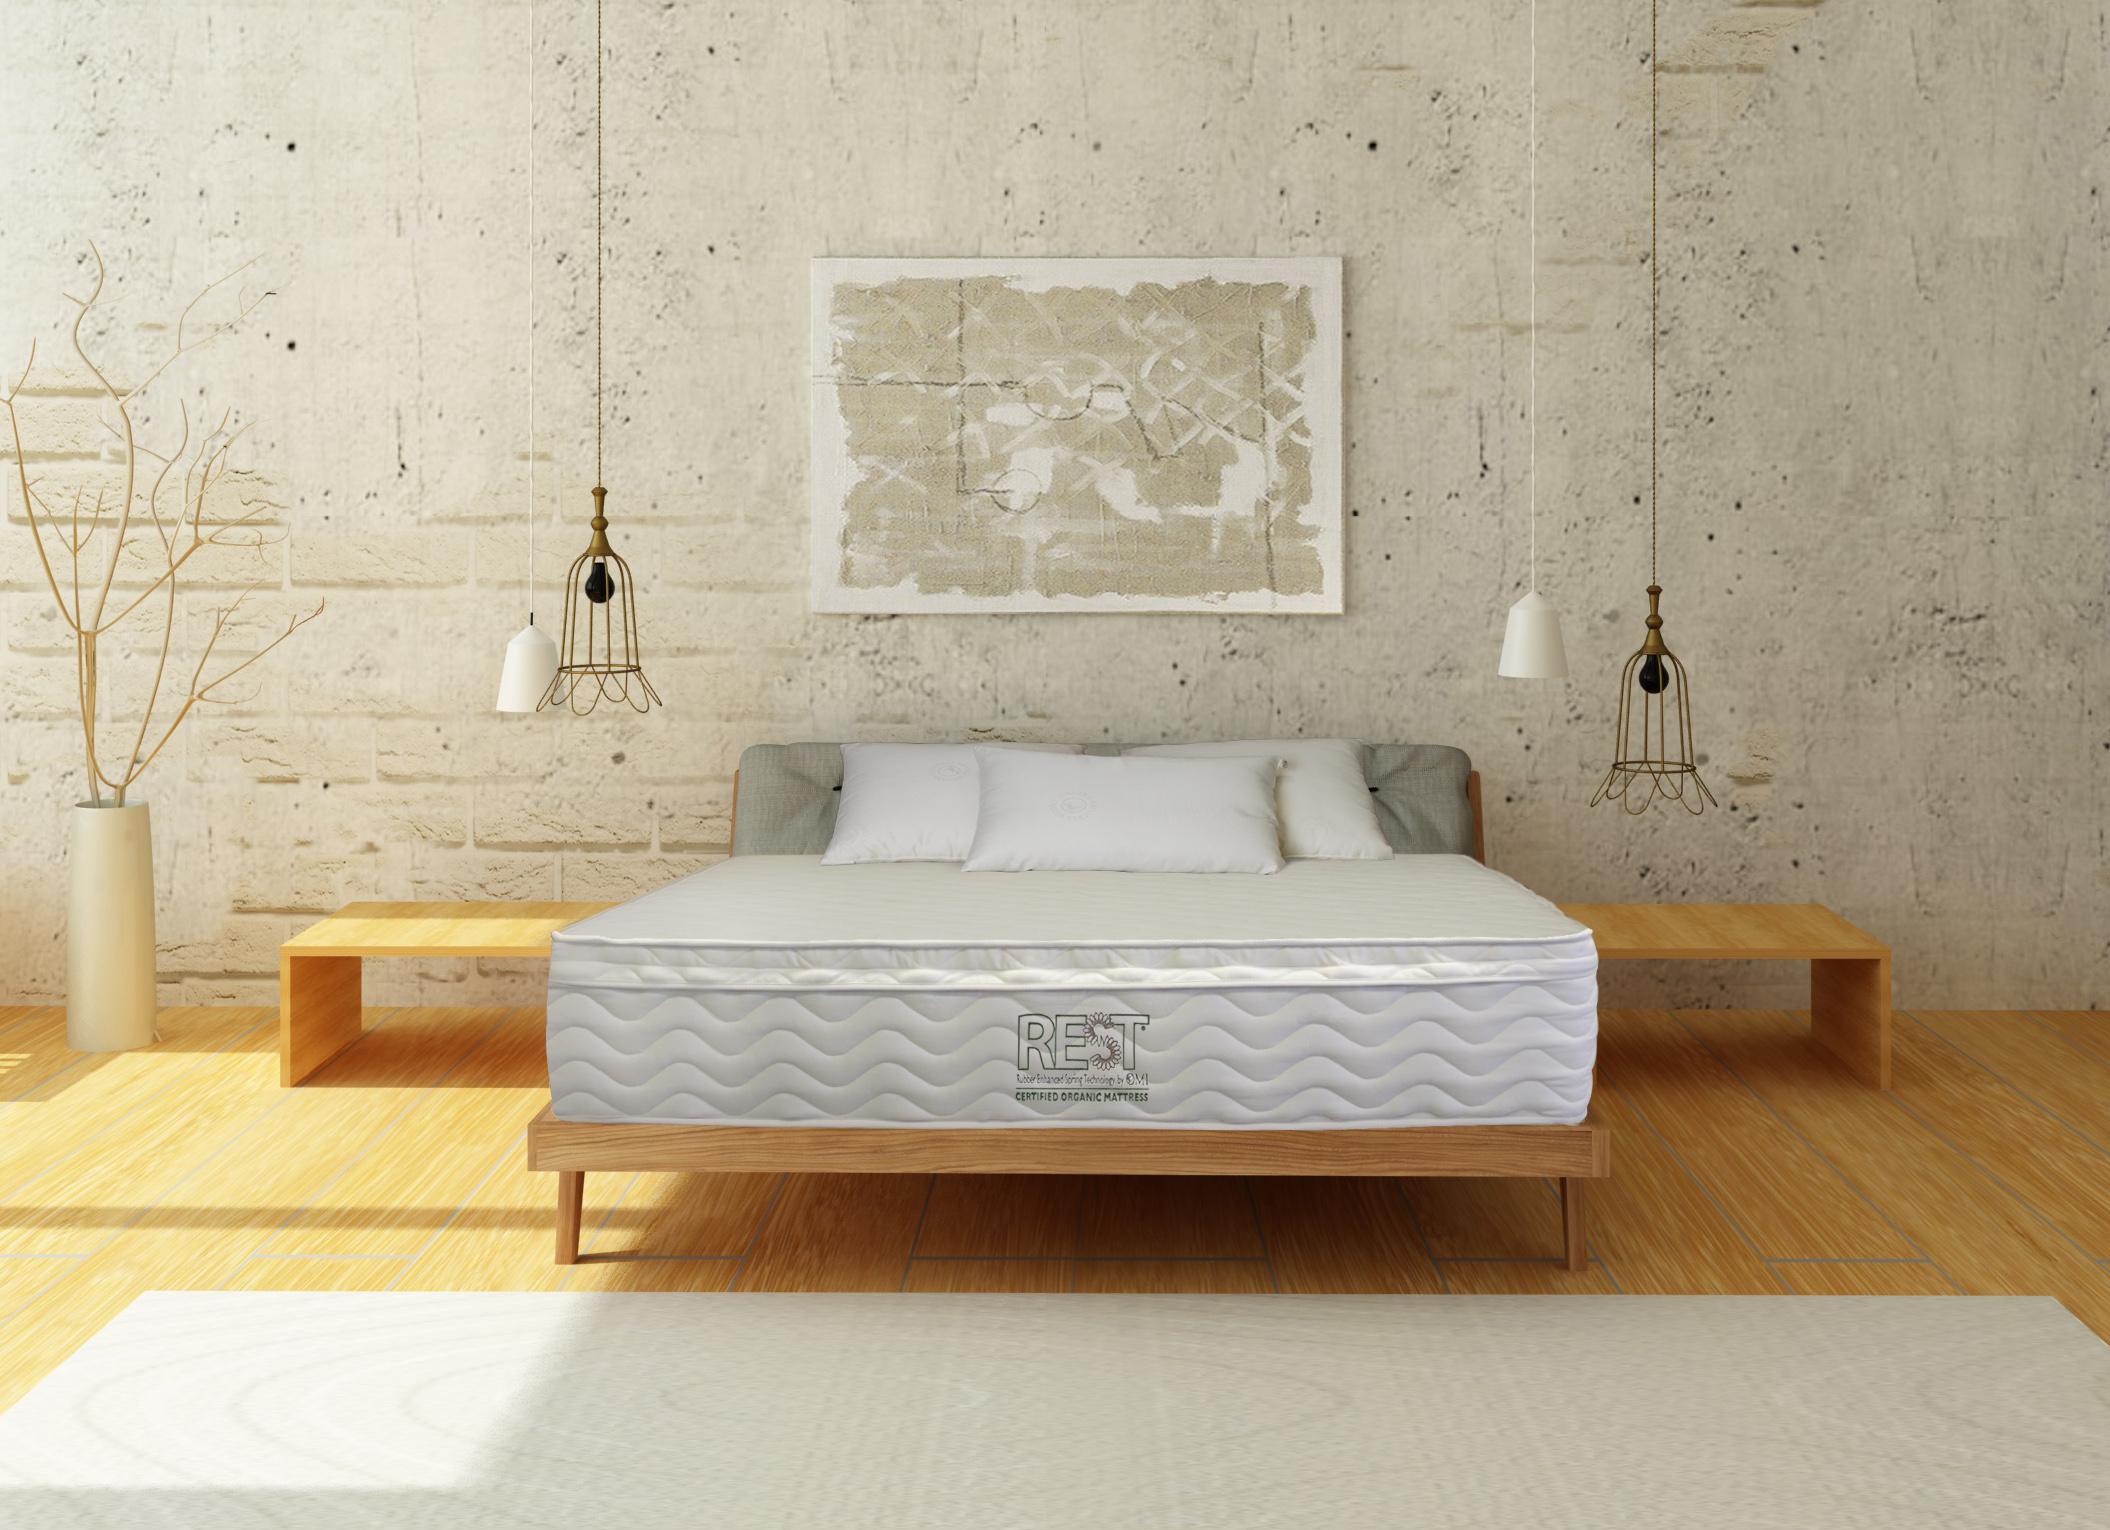 cozy interior of bedroom in scandinavian style